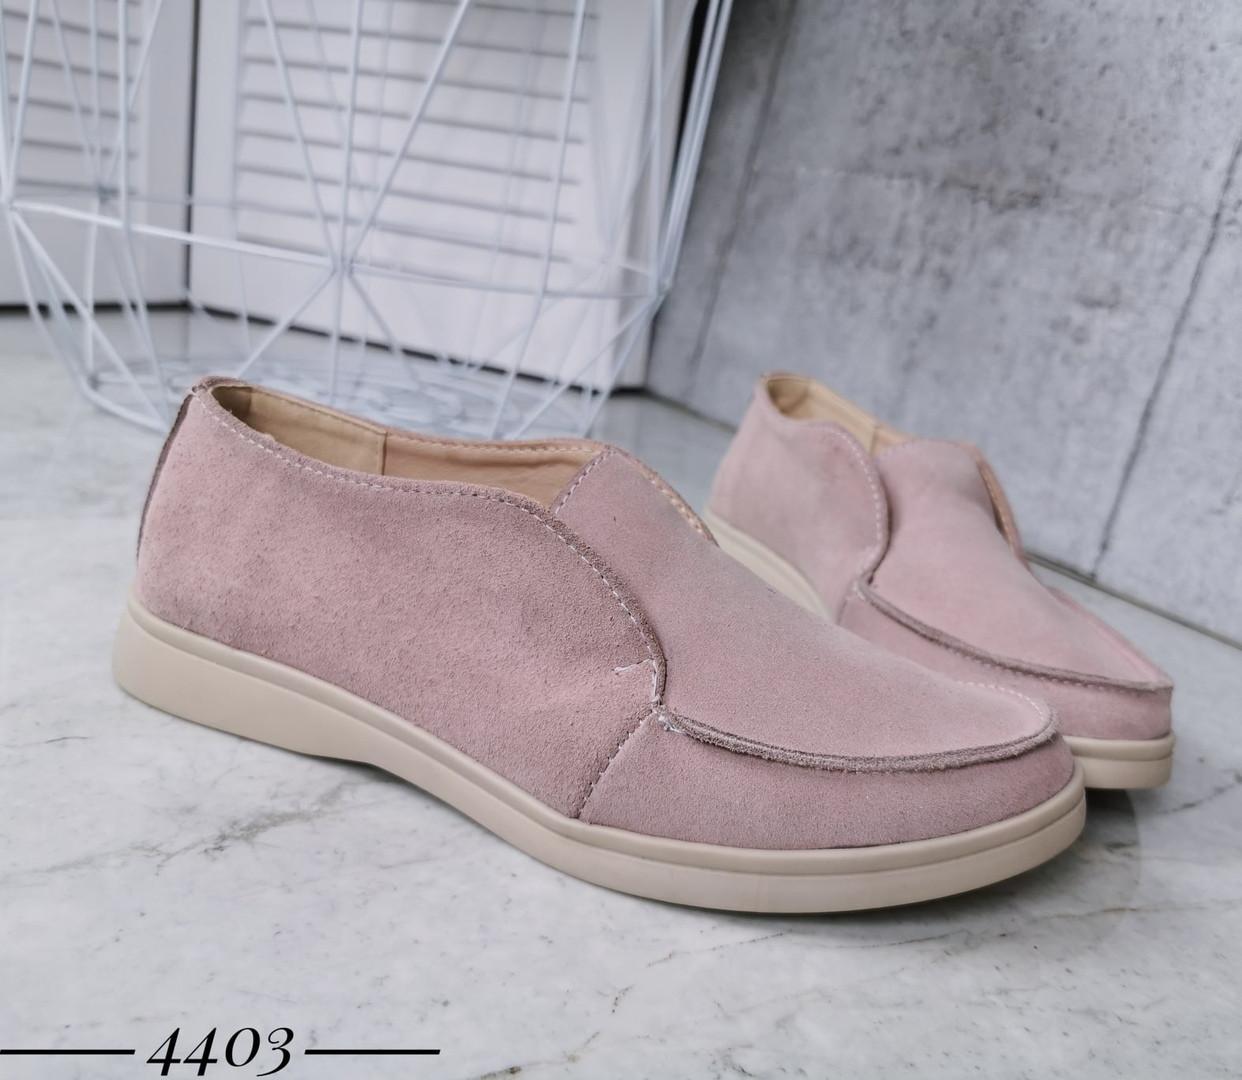 Женские пудровые туфли, из натуральной замши 36 ПОСЛЕДНИЕ РАЗМЕРЫ